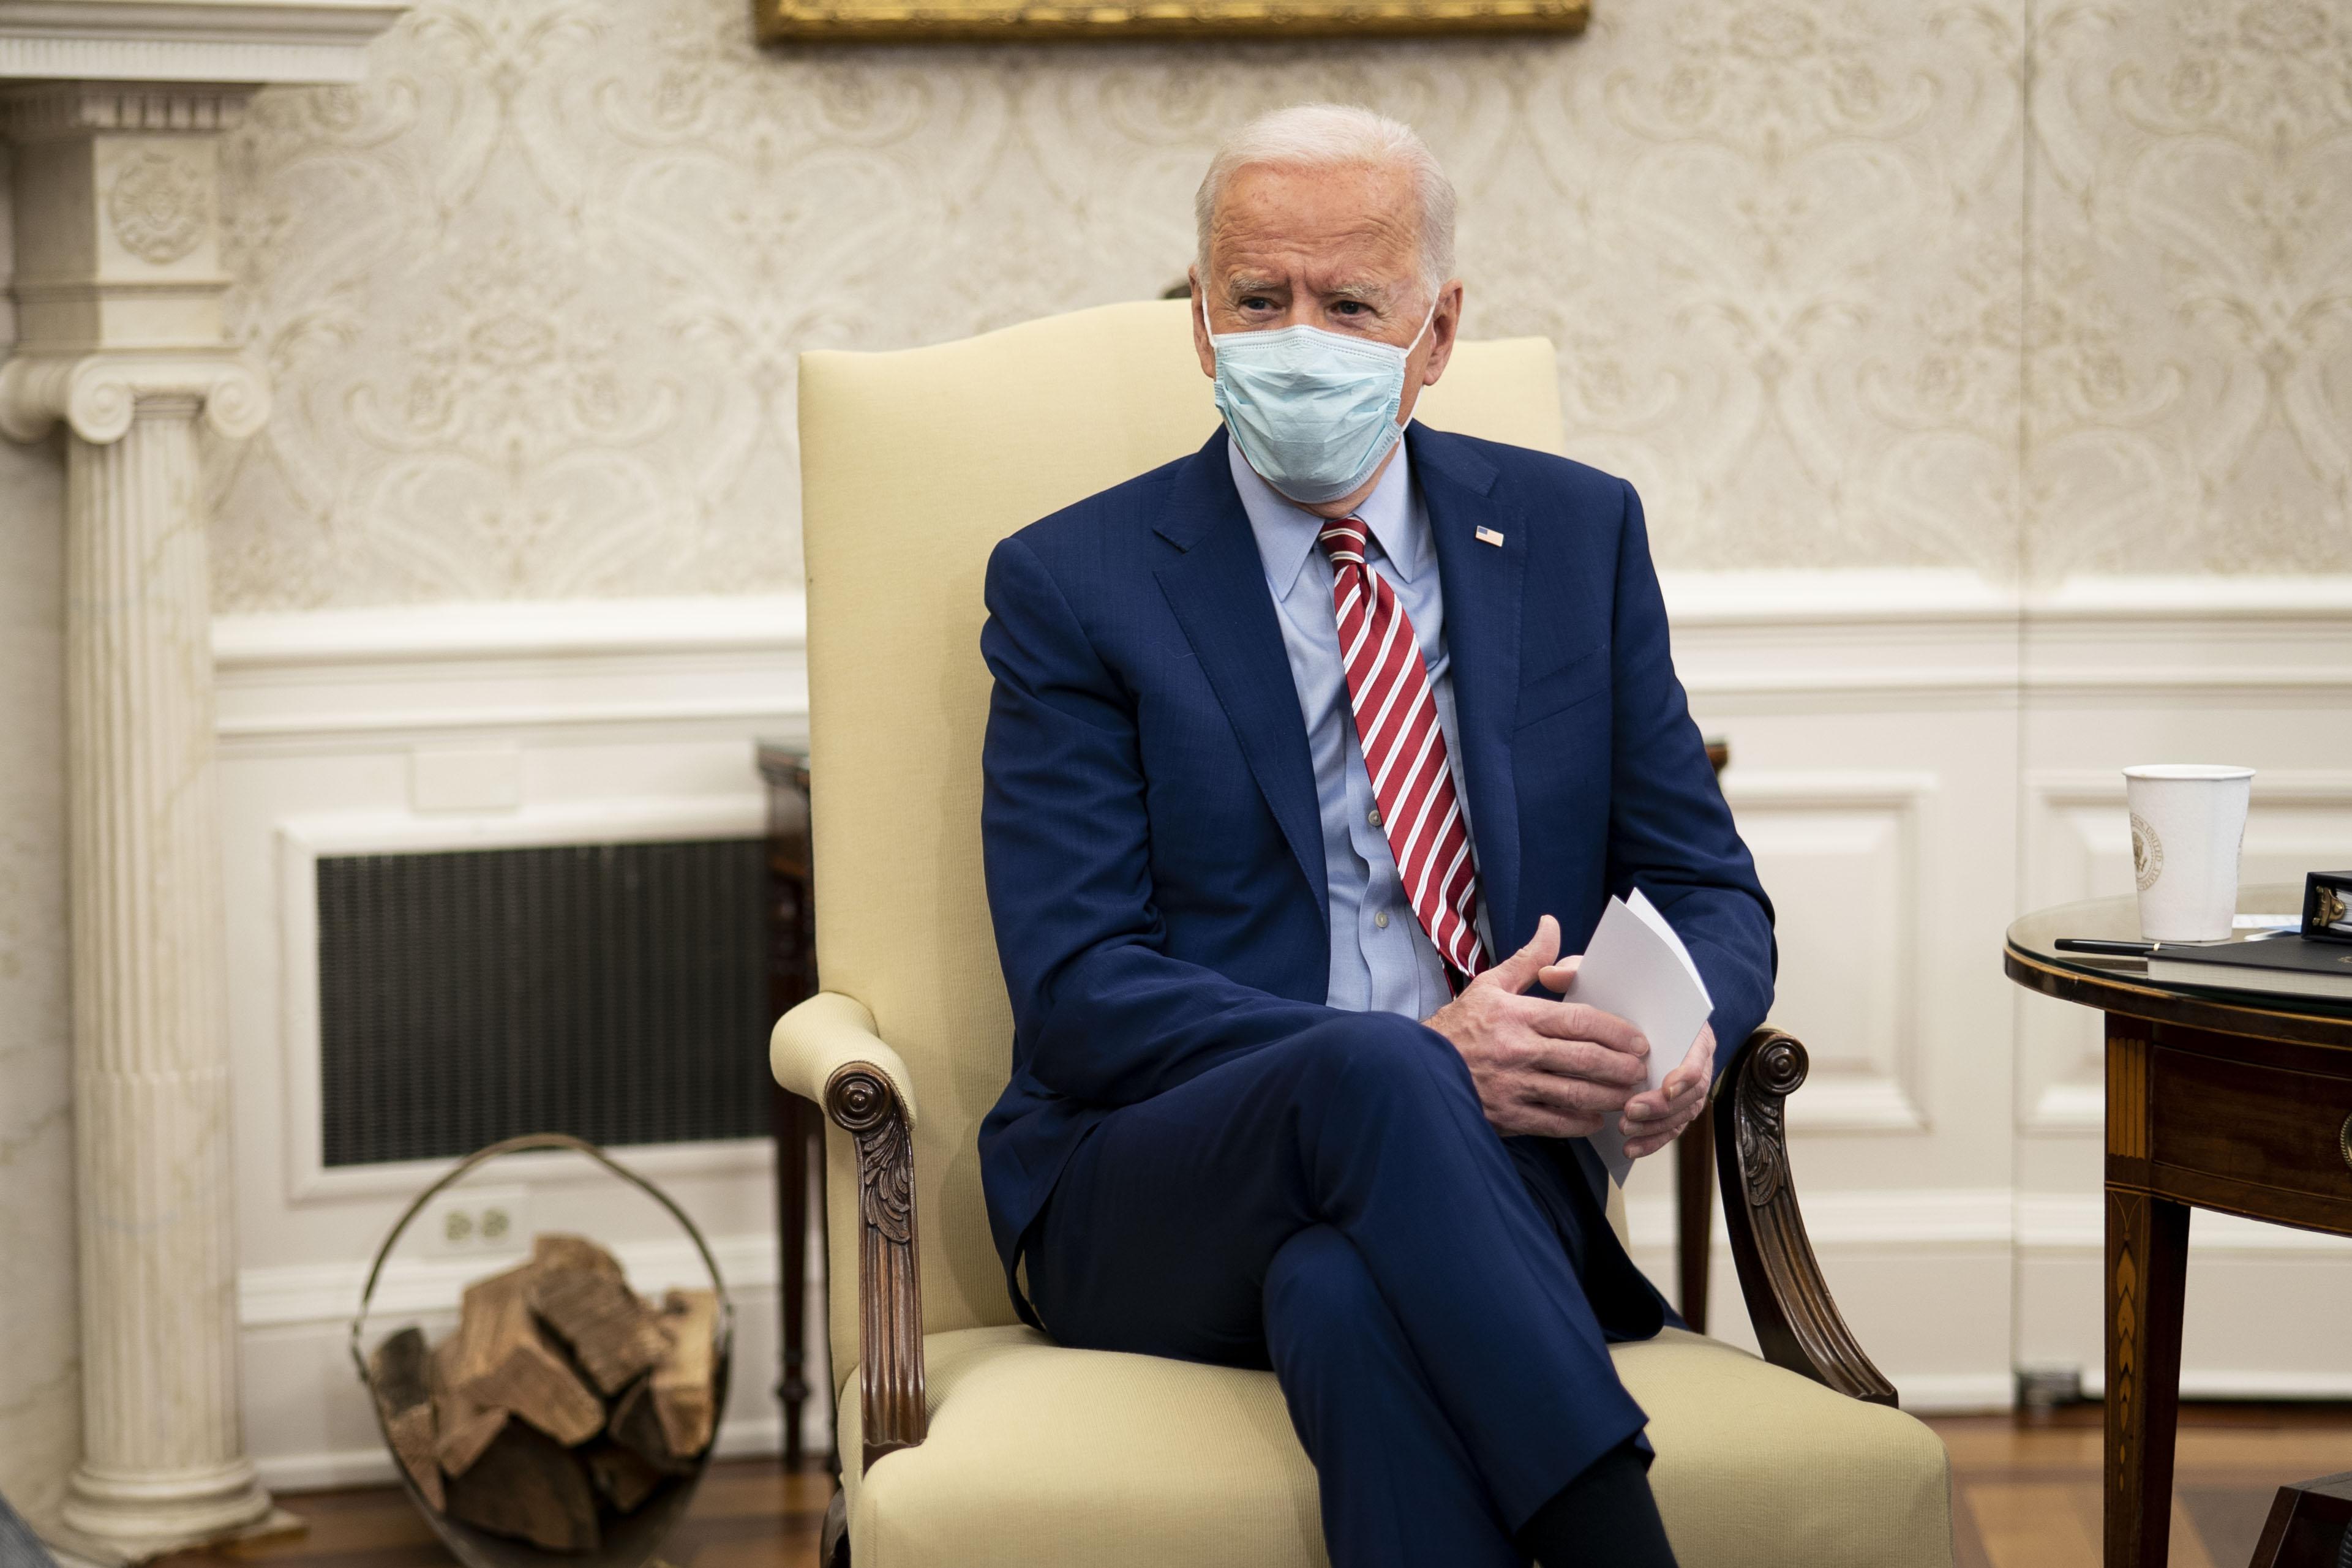 Joe Biden napirendje: reggel a First Ladyvel kávézik, este amerikai polgárok leveleit olvasgatja